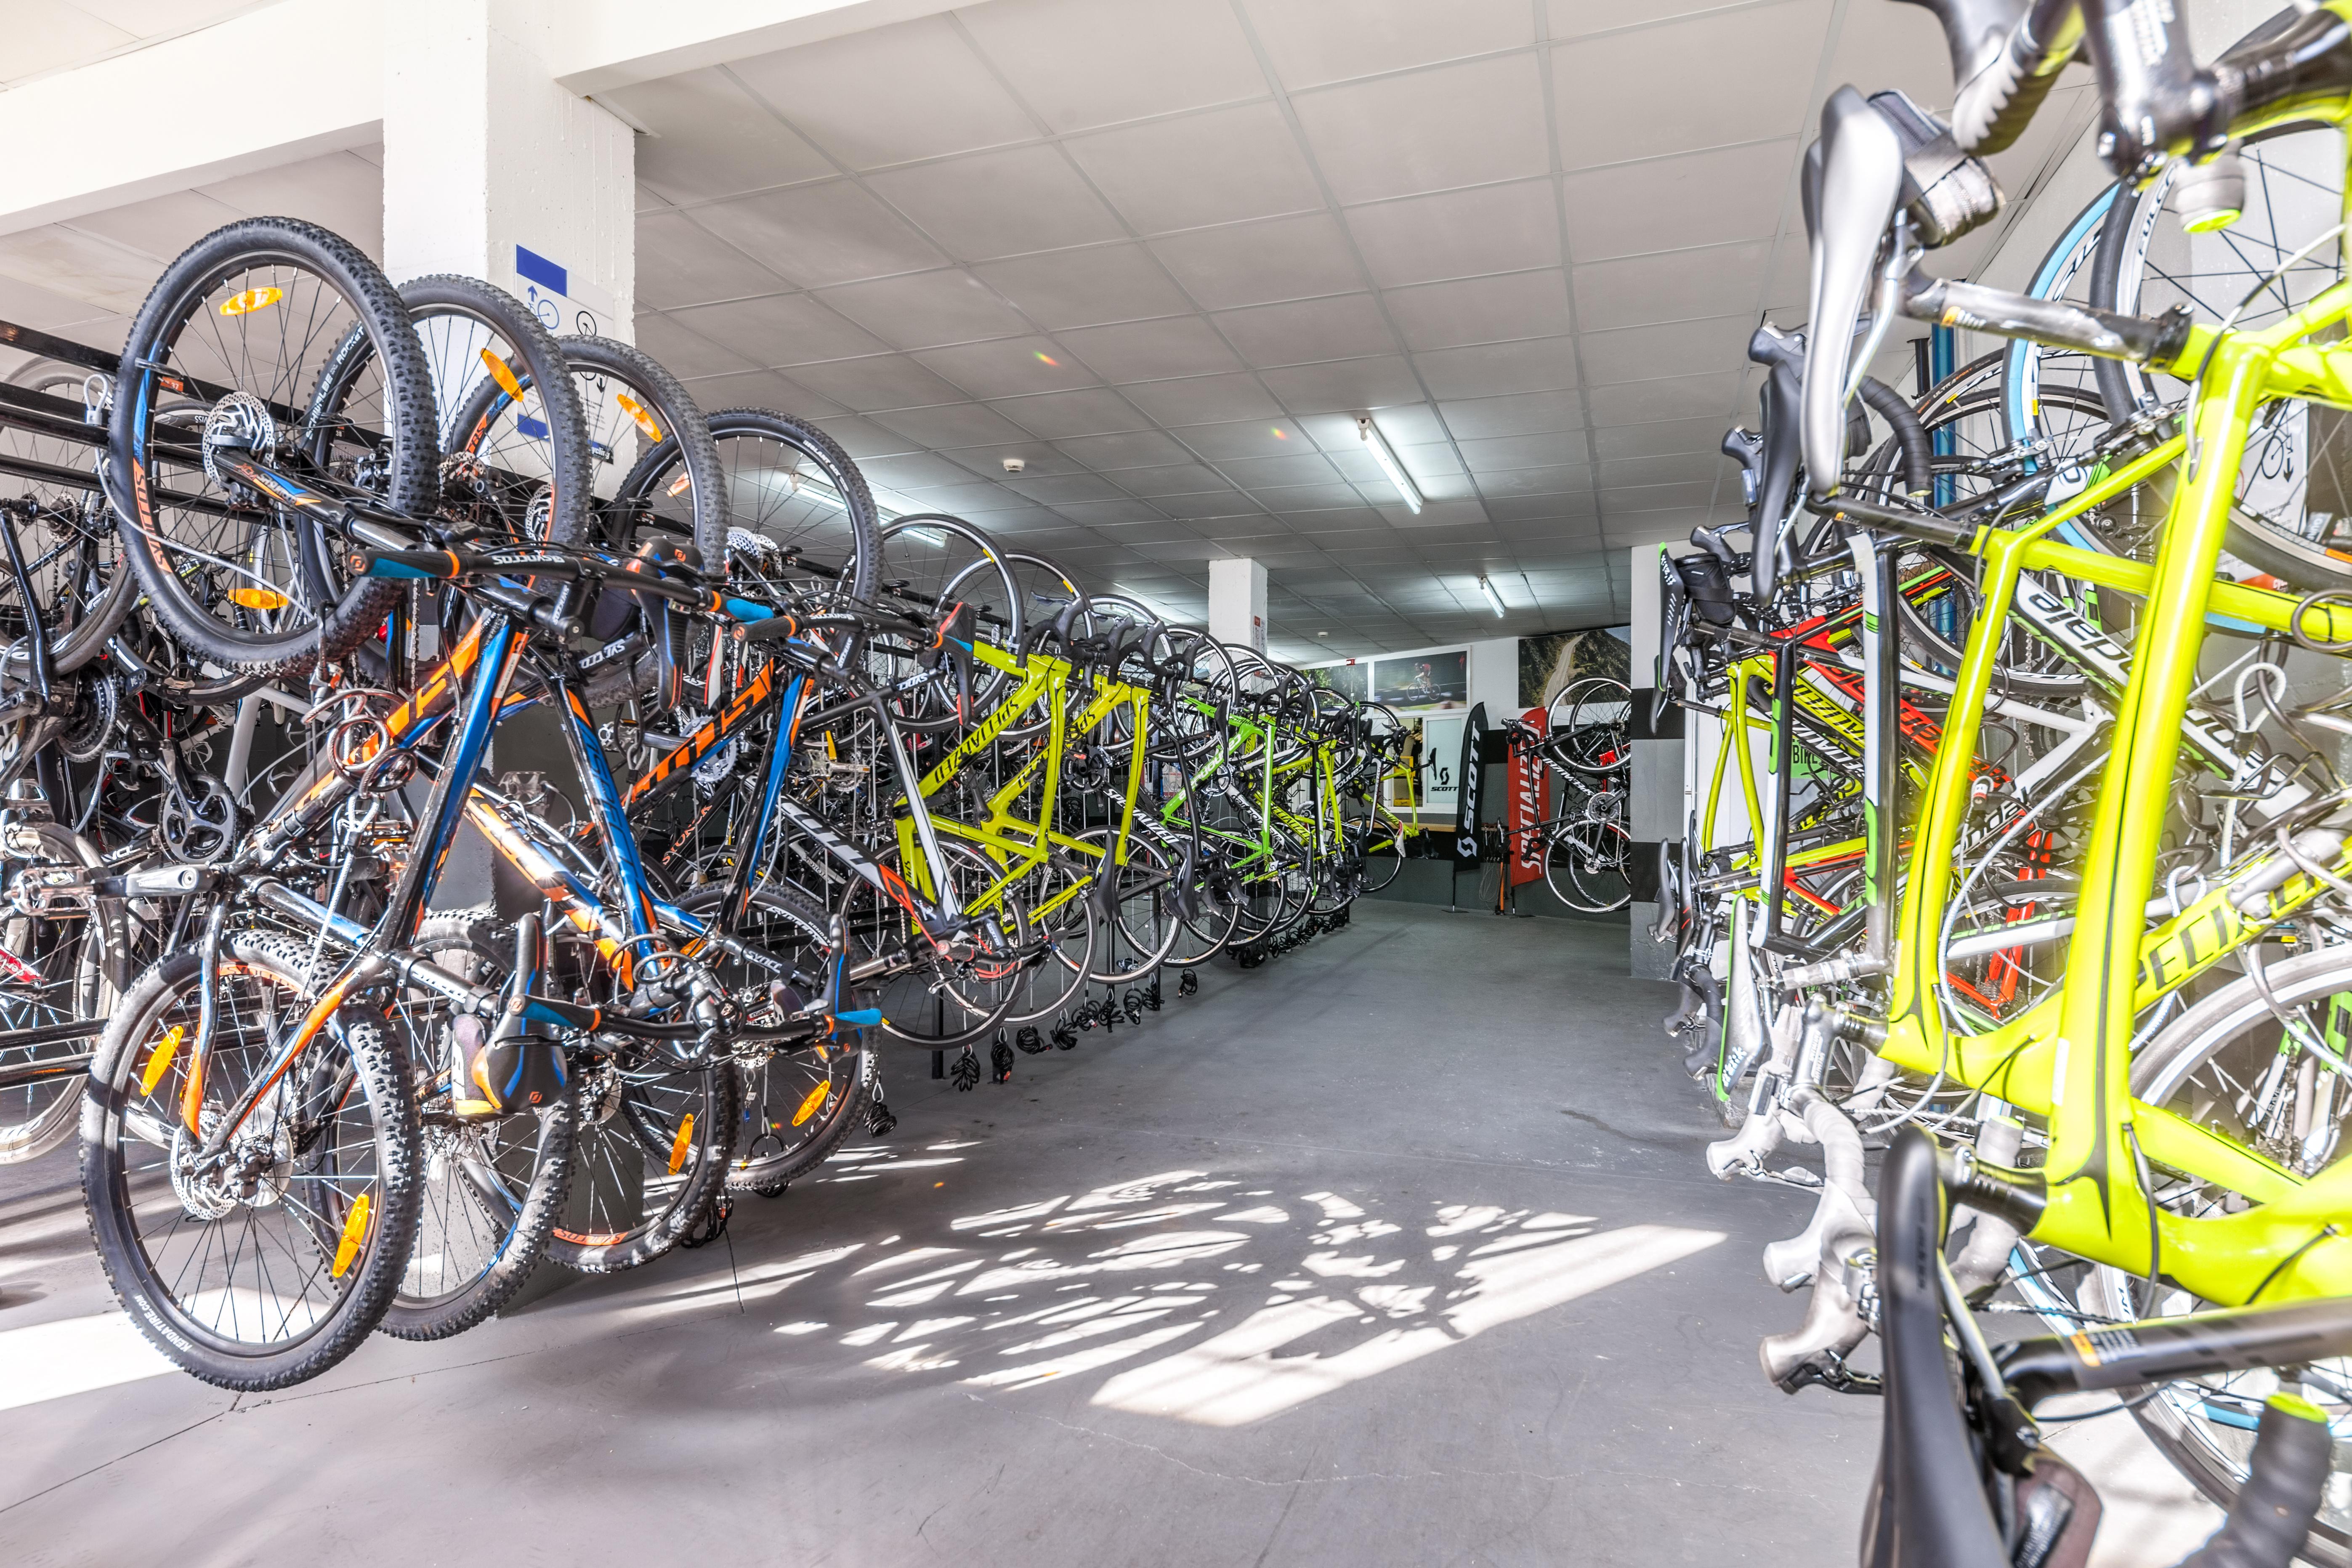 <h1>Our Bikes</h1>